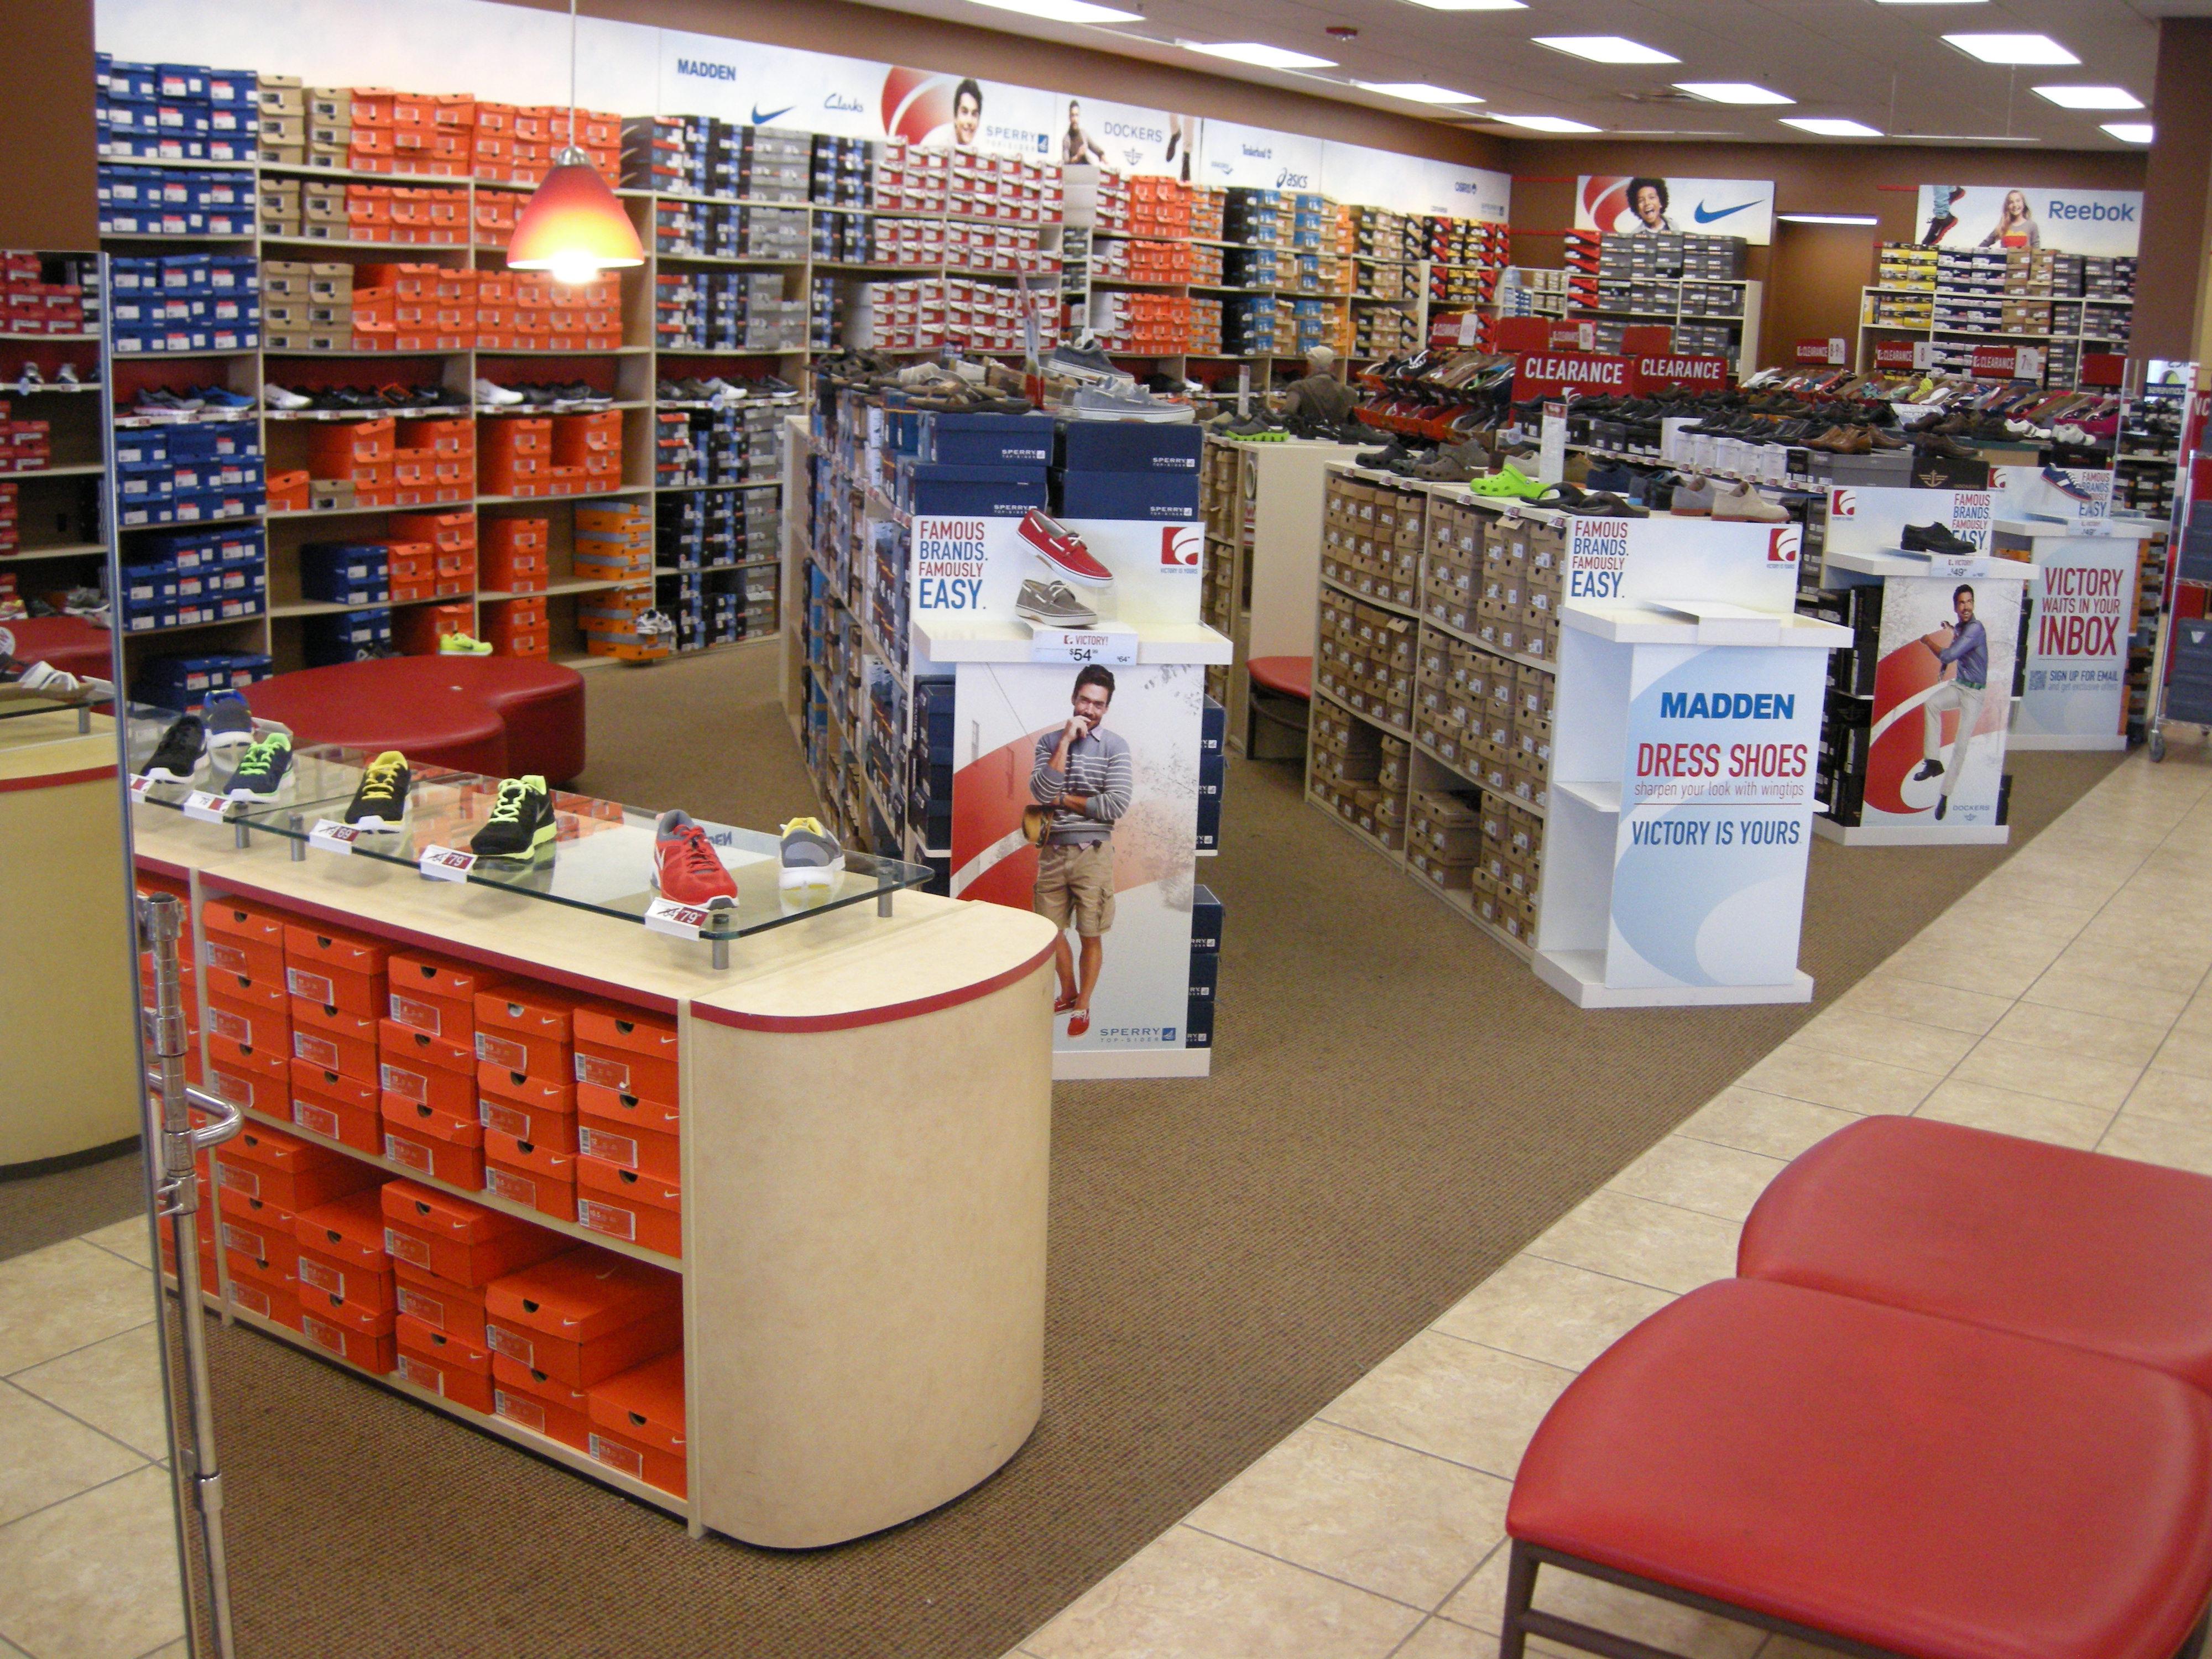 Famous Footwear - Open Store Remodel